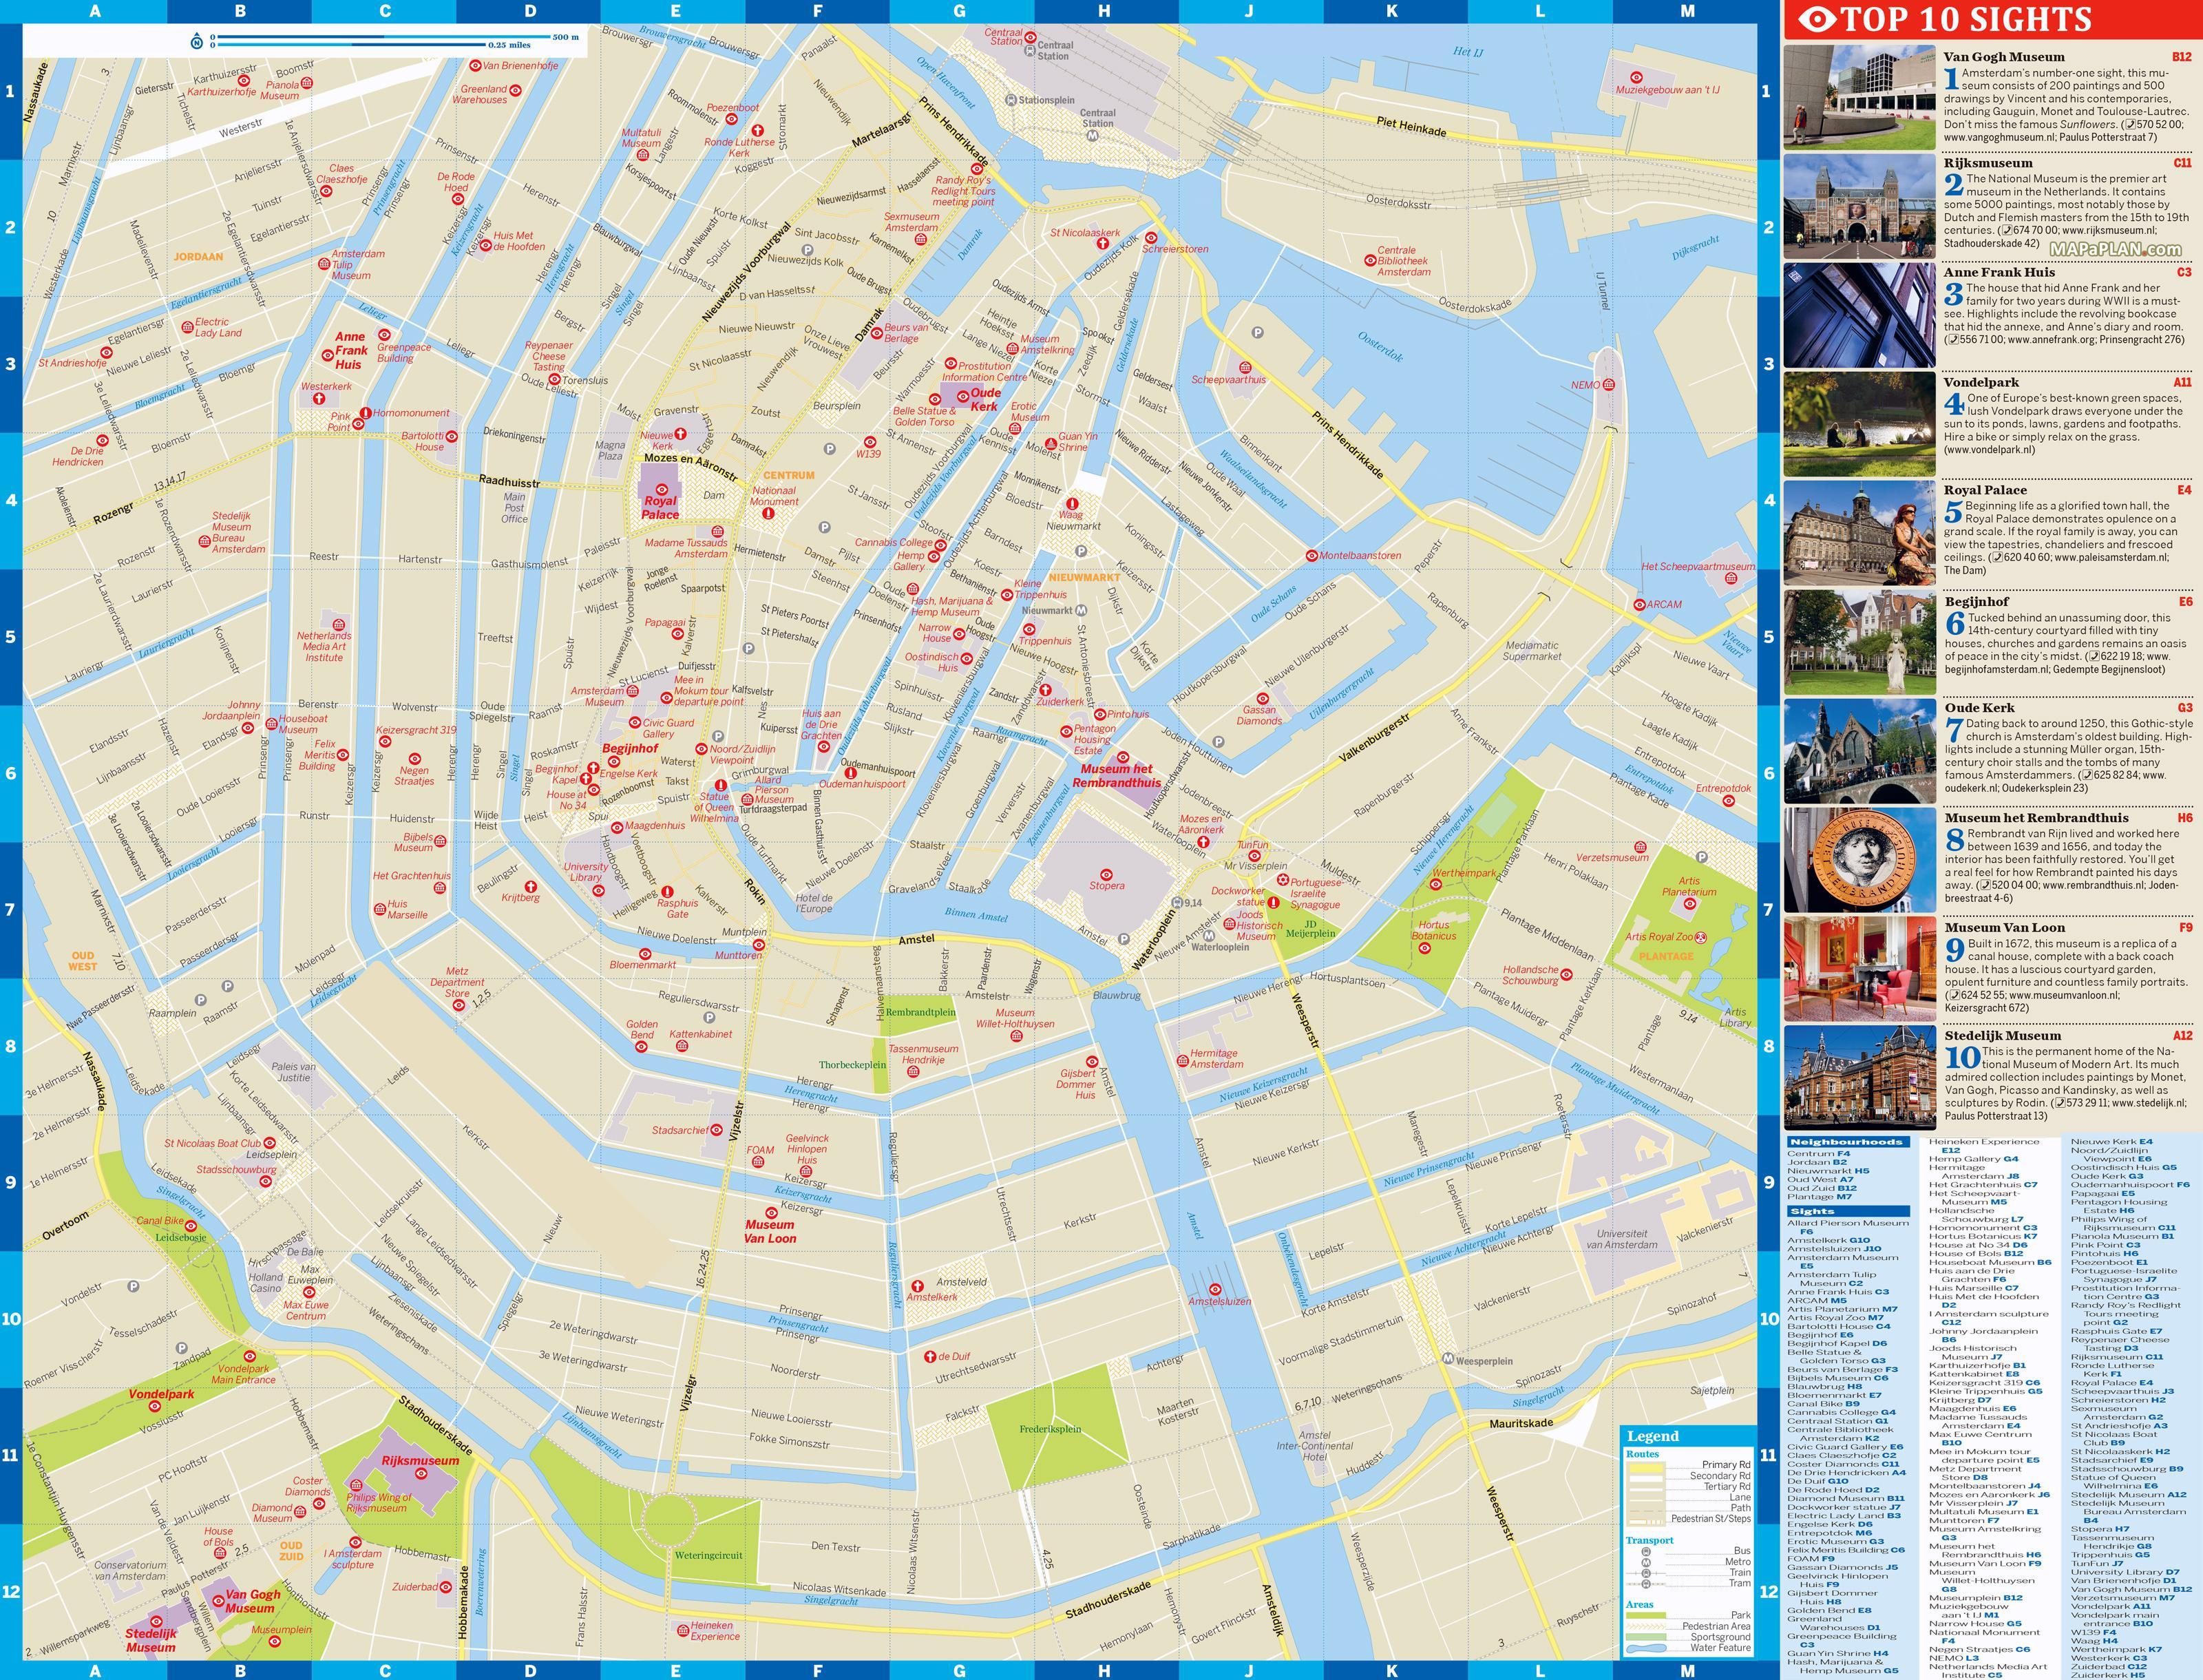 mapa amesterdao Amsterdam sightseeing map   Sightseeing Amsterdam map (Netherlands) mapa amesterdao